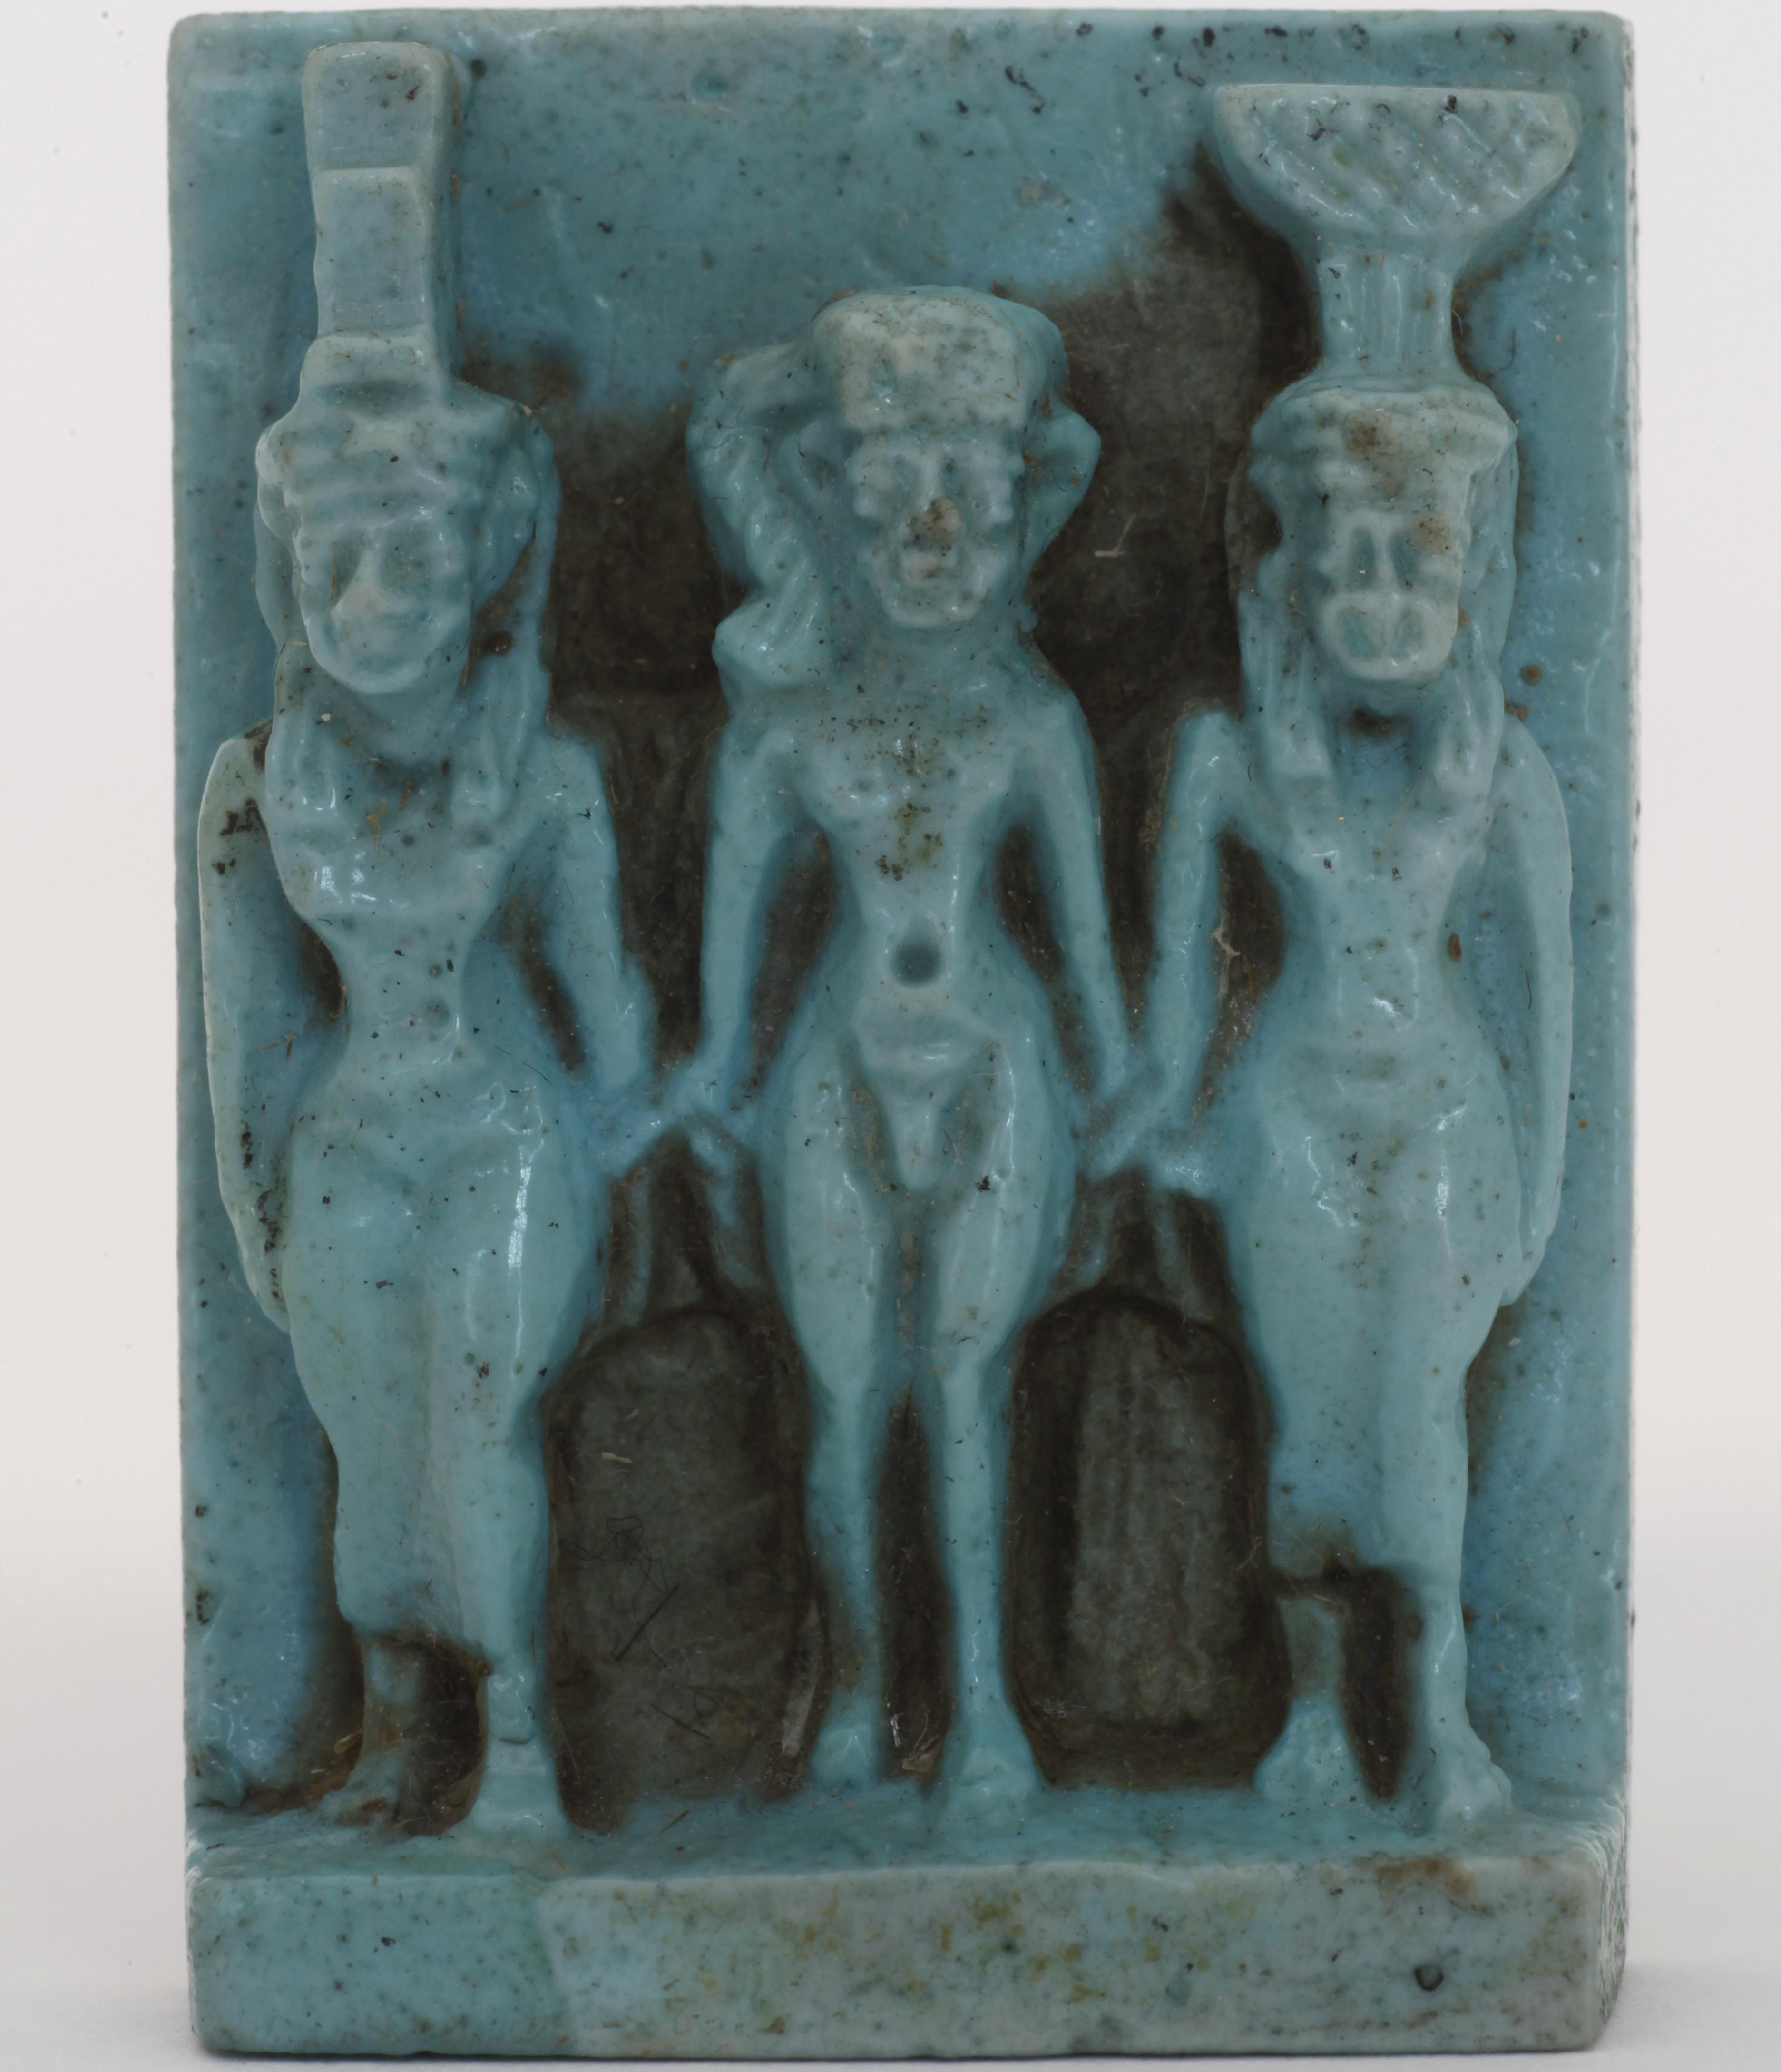 Eine Aufnahme zeigt das kleine Amulett mit drei Göttern, die Göttertriade